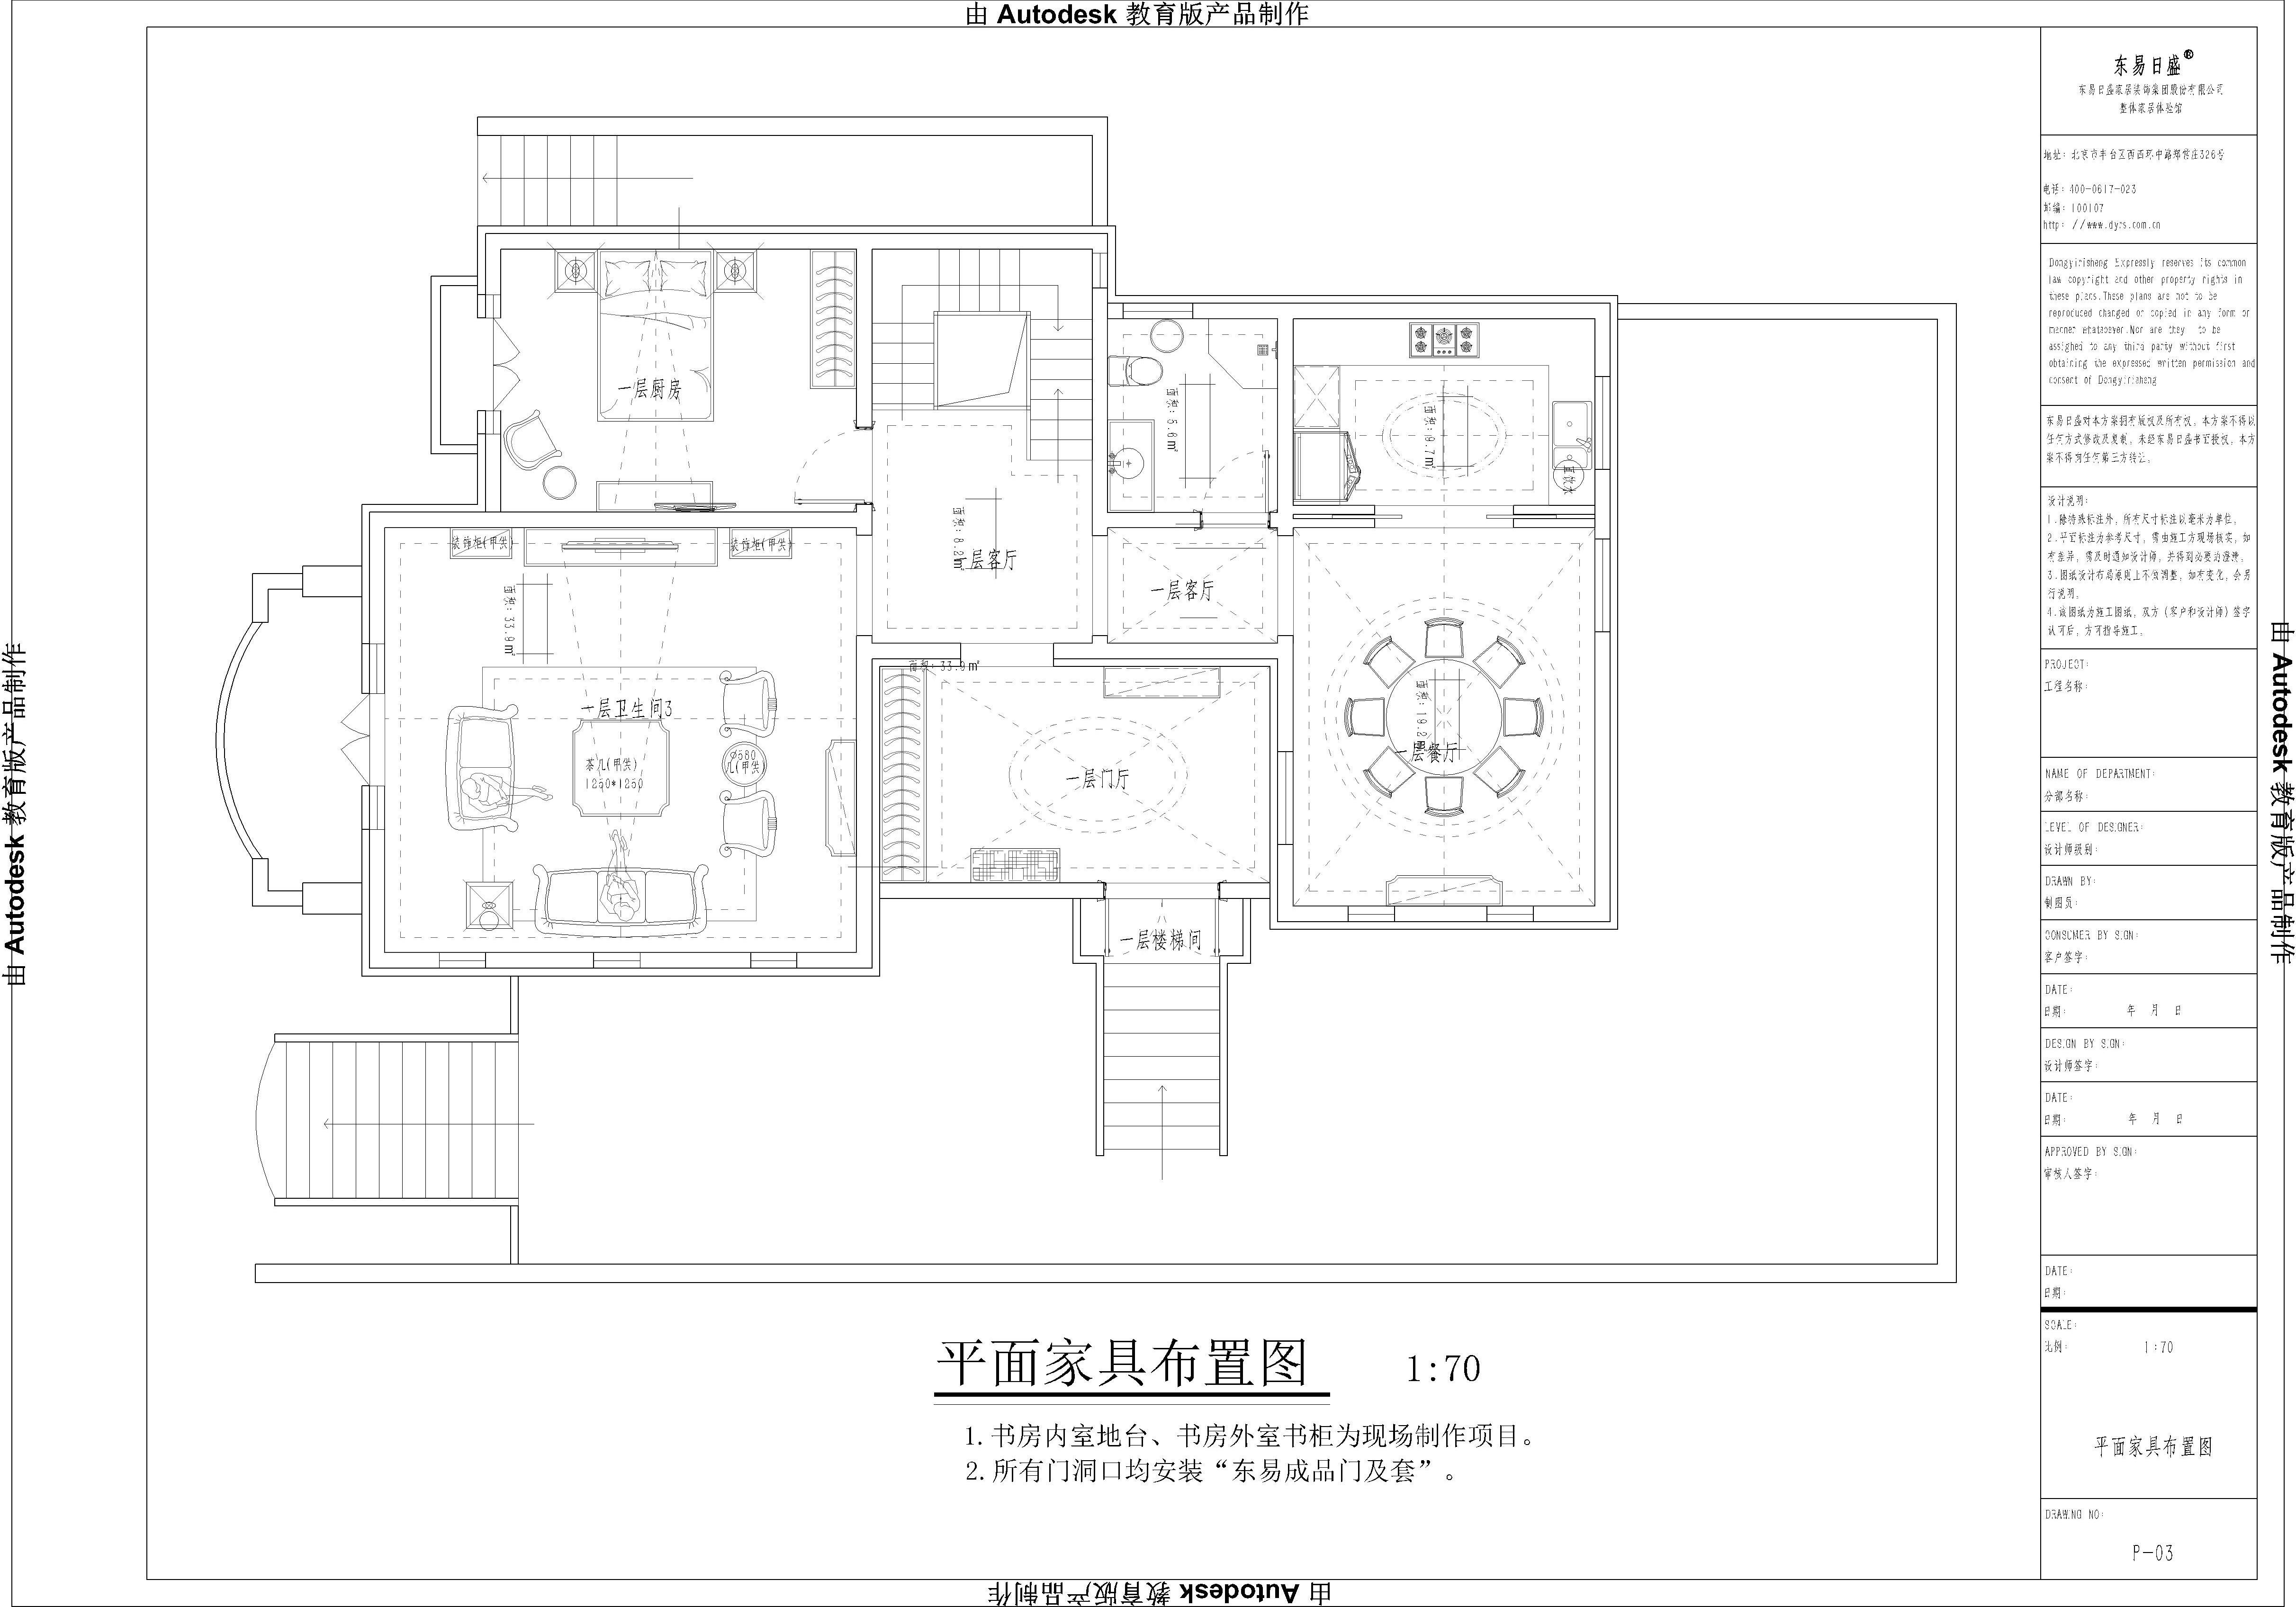 领秀观山悦 美式风格 320平方米装修设计理念